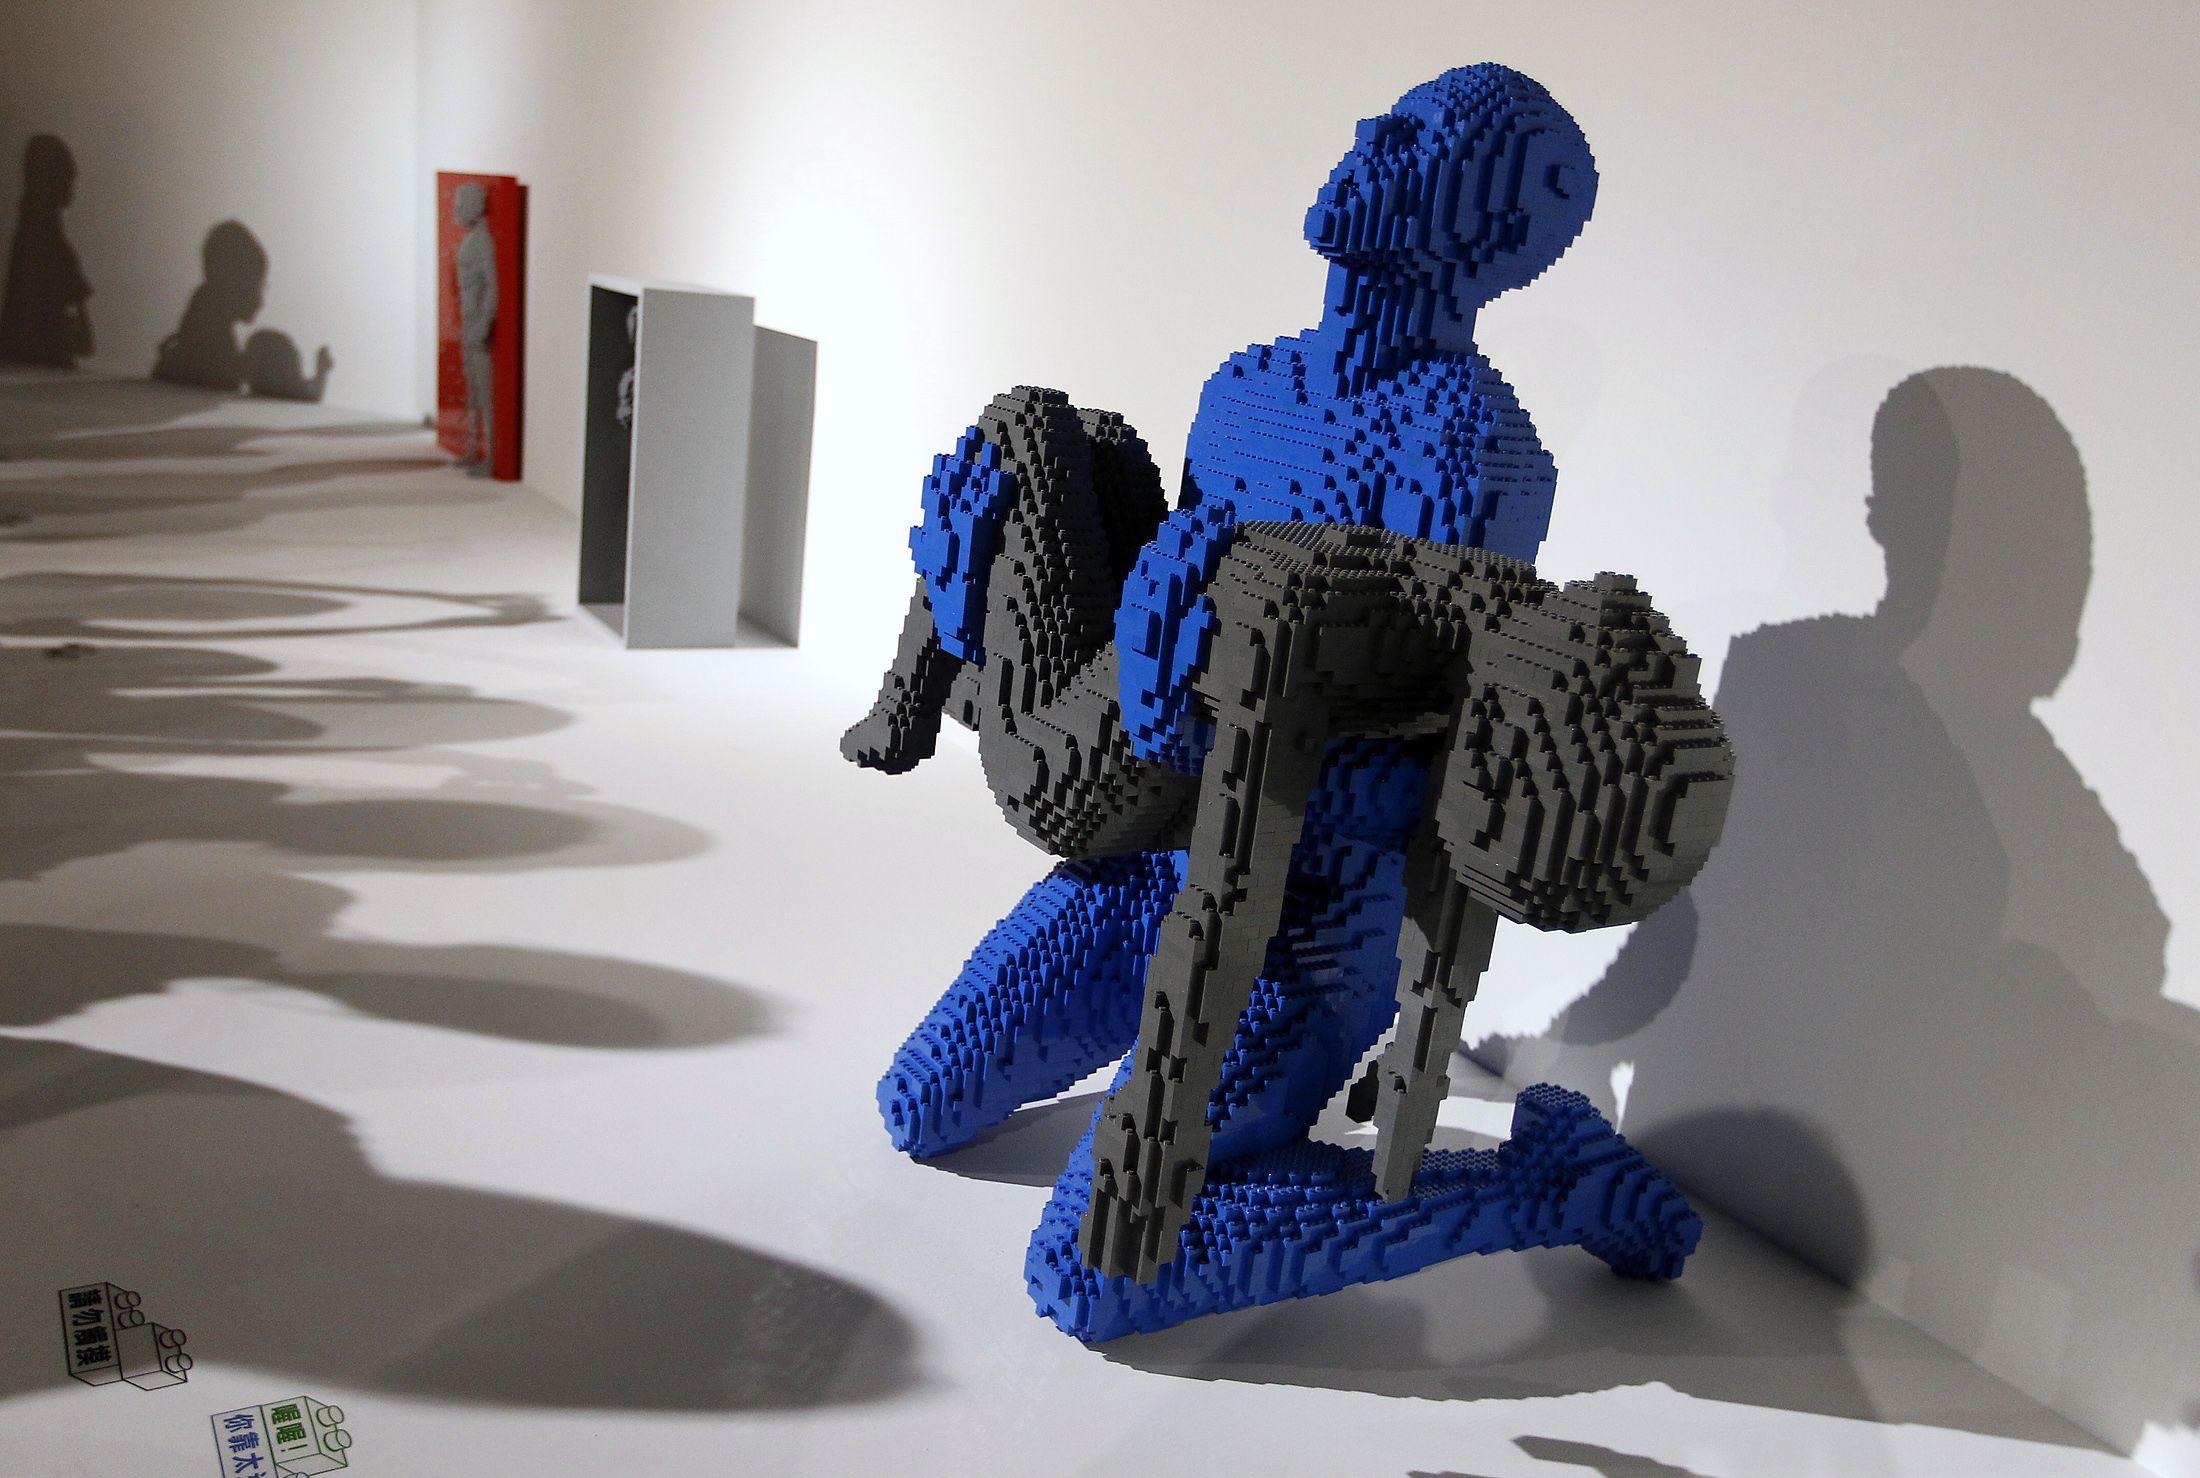 Nathan Sawaya sculpture